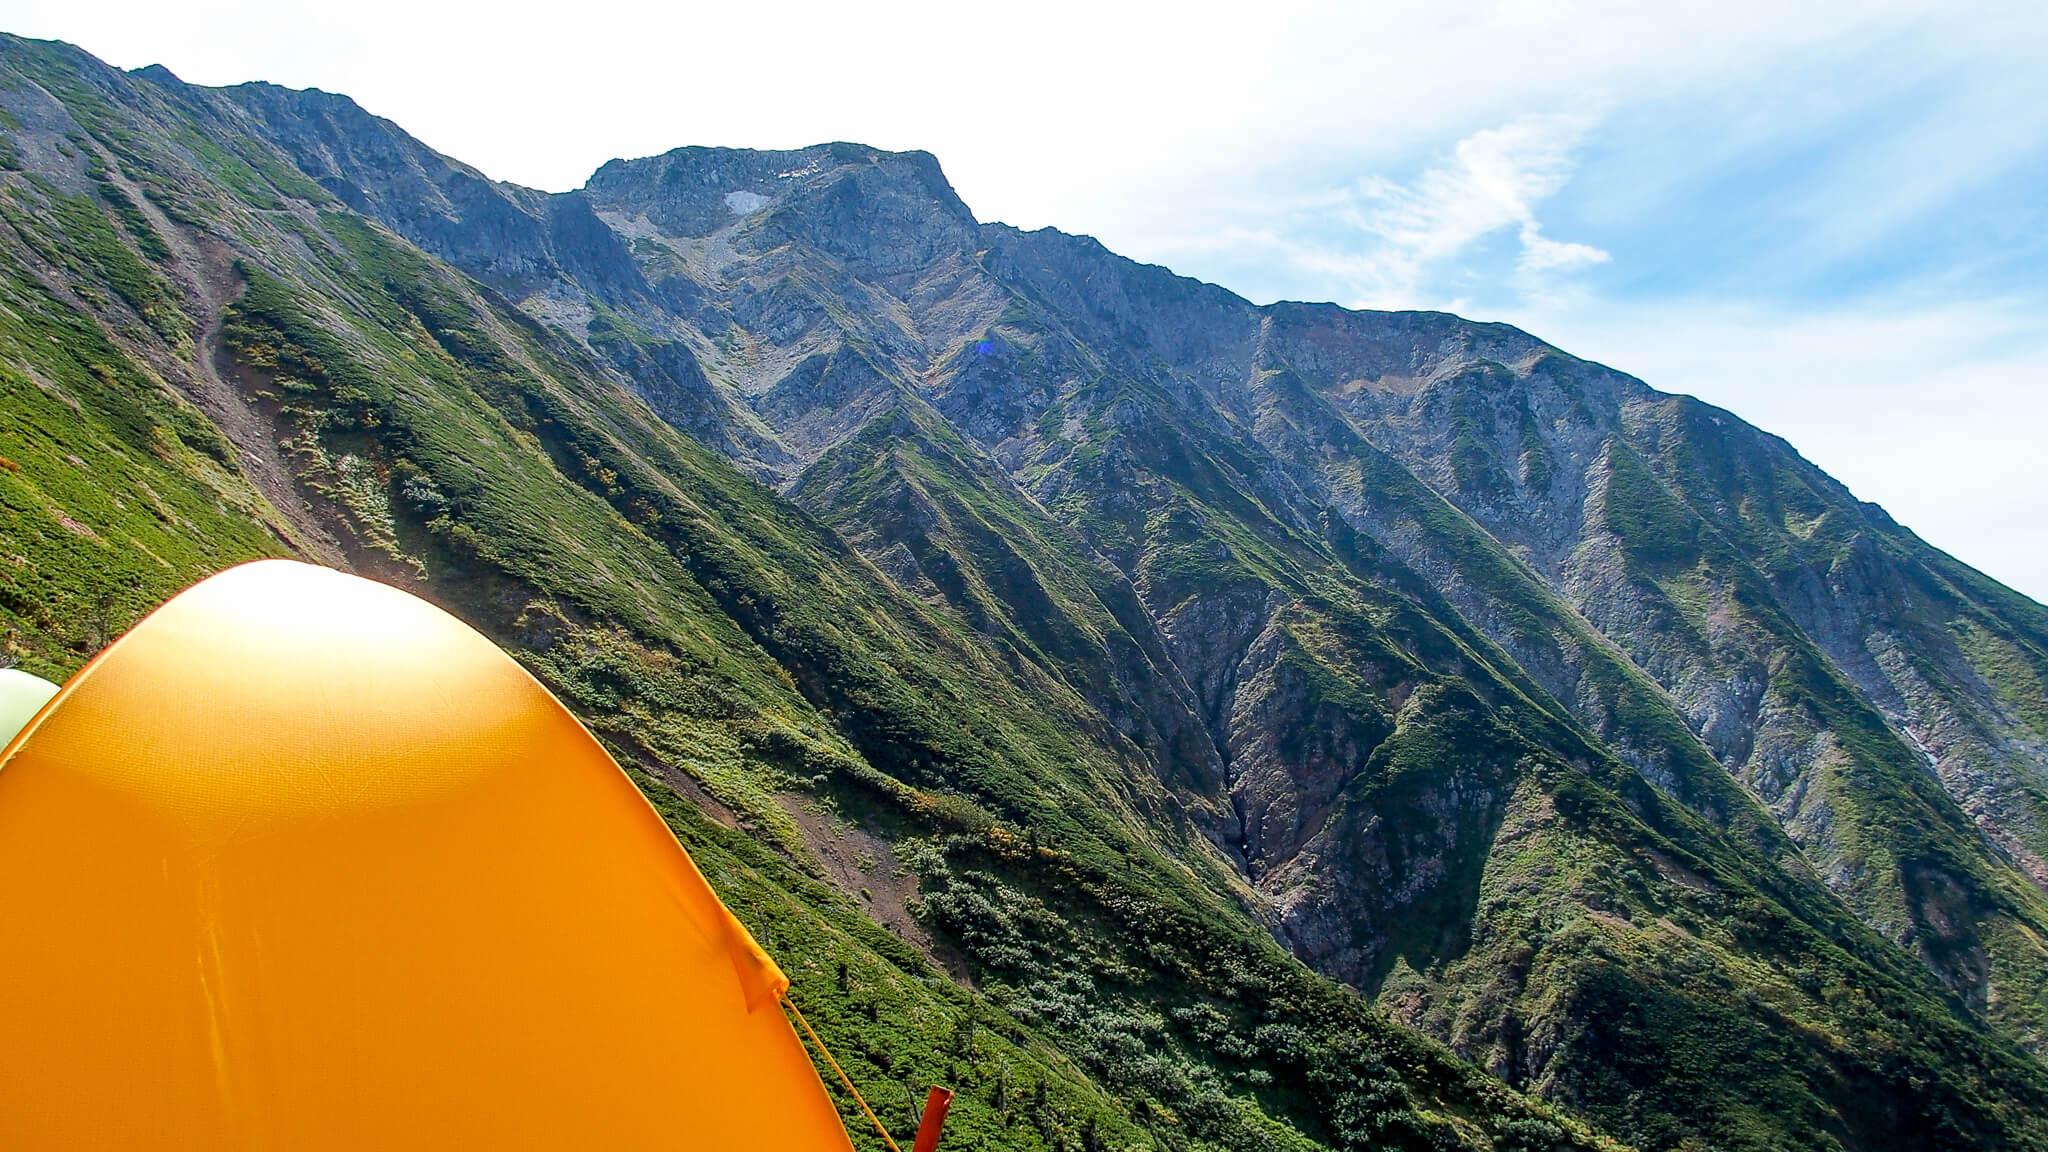 五竜岳のテント場